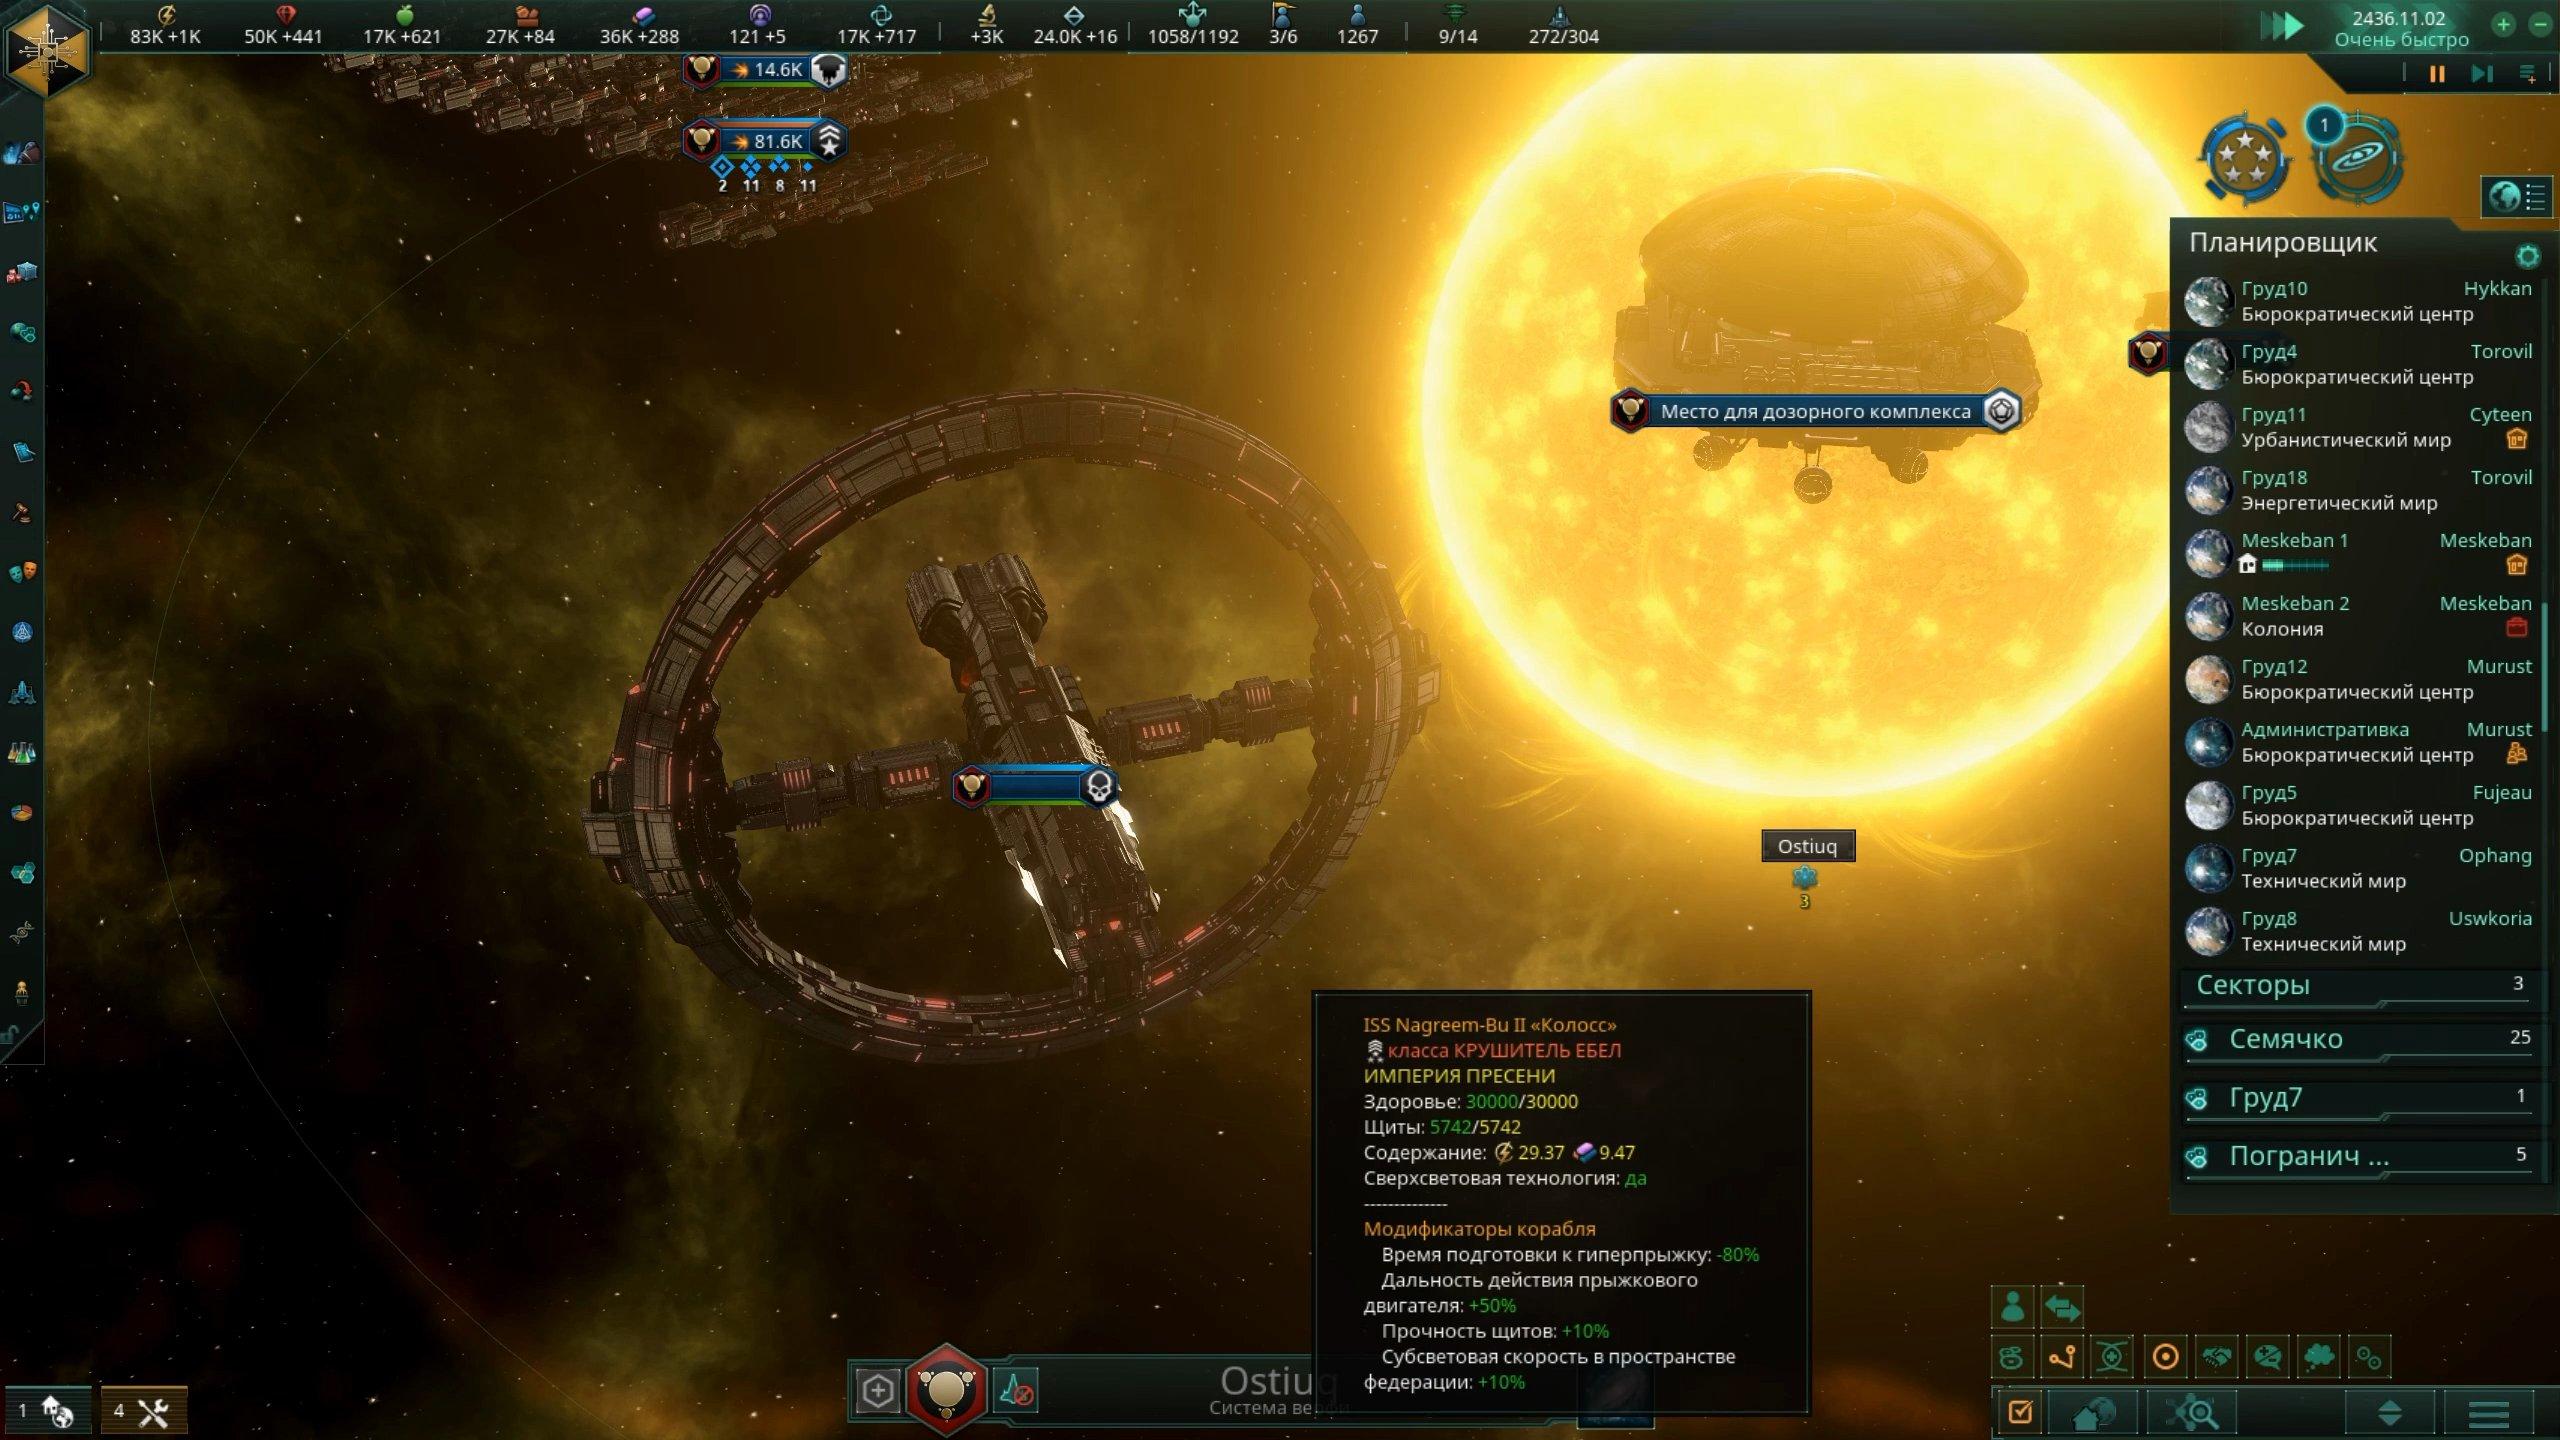 pc-21-stellaris-co-op-v261---pobeda-nad-rixi-empire